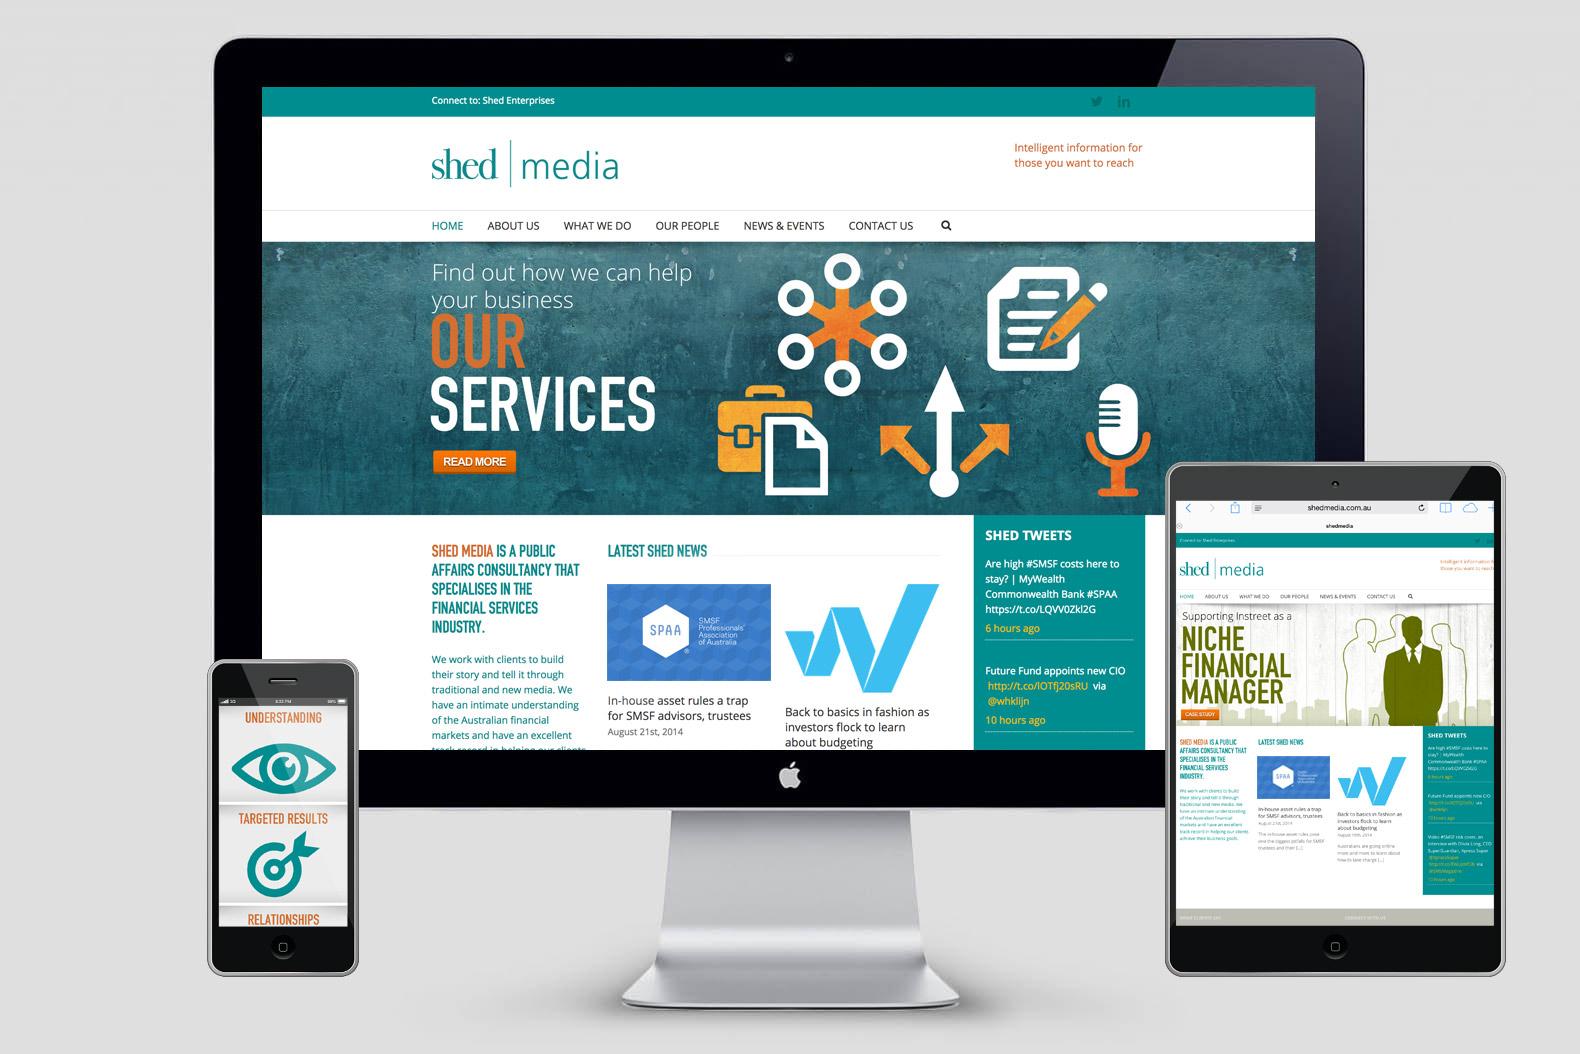 shedmedia wordpress site